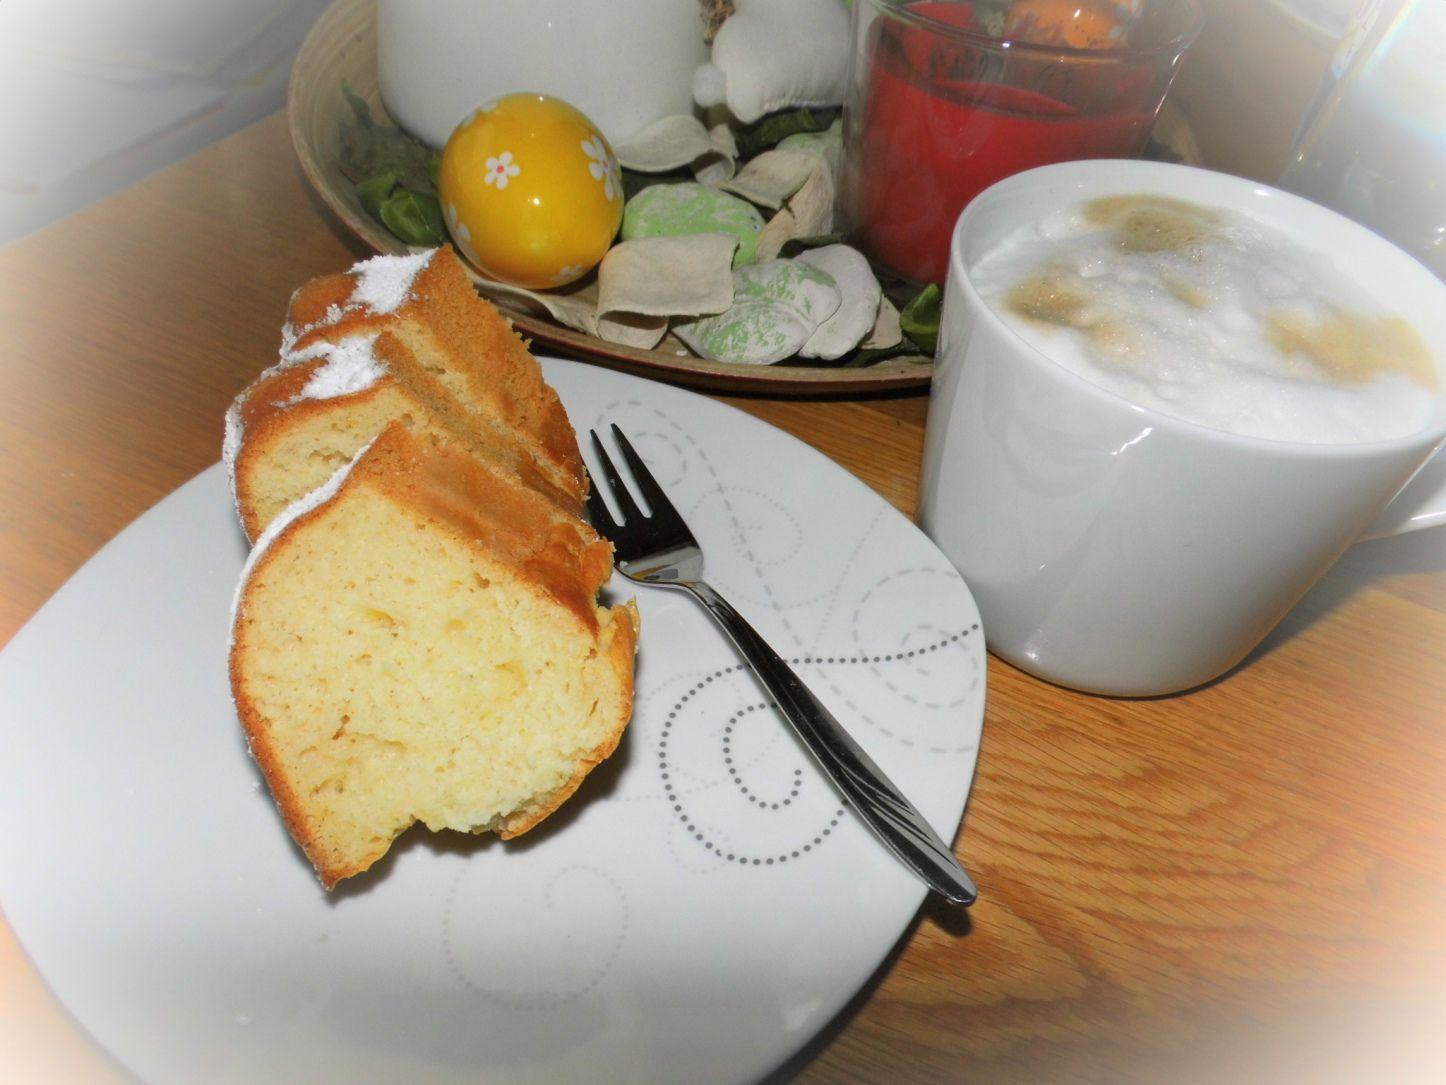 Fluffiger Eiweißkuchen prima zur Eiweißverwertung #Äpfelverwerten